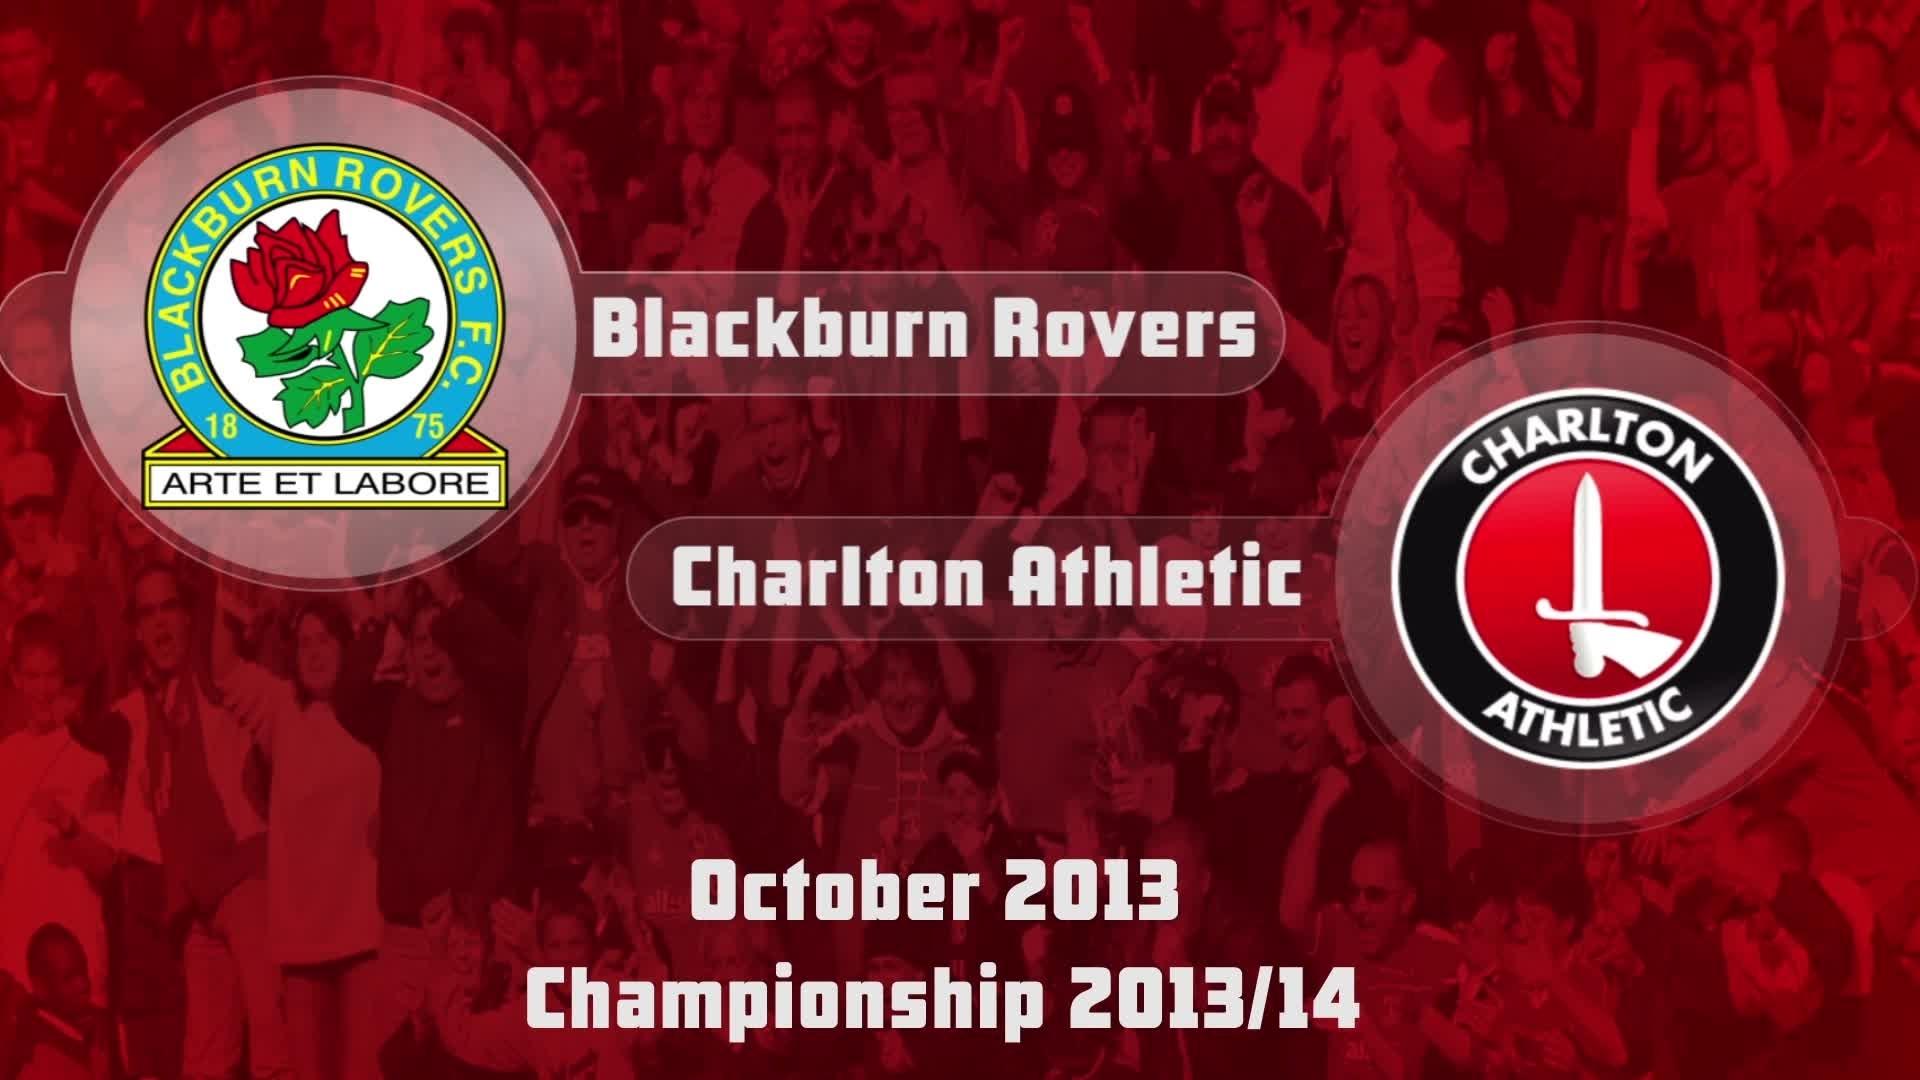 13 HIGHLIGHTS | Blackburn Rovers 0 Charlton 1 (Oct 2013)